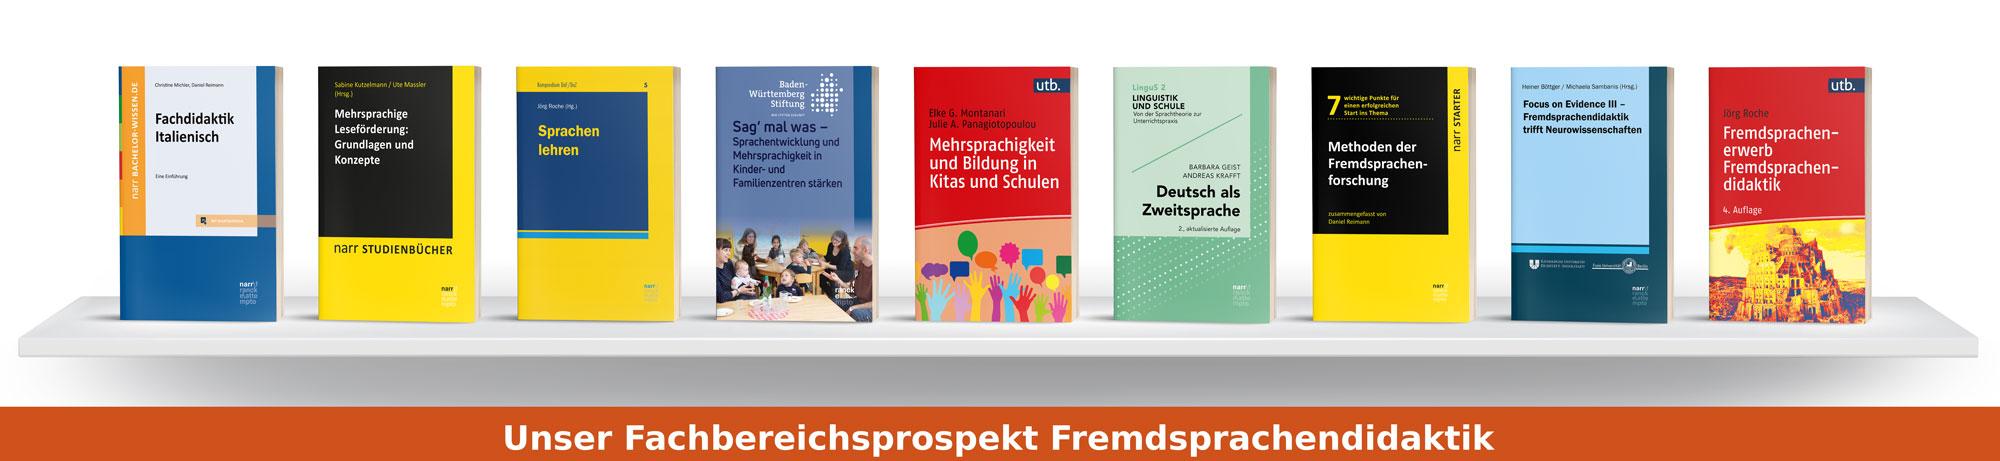 Fachbereichsprospekt Fremdsprachendidaktik